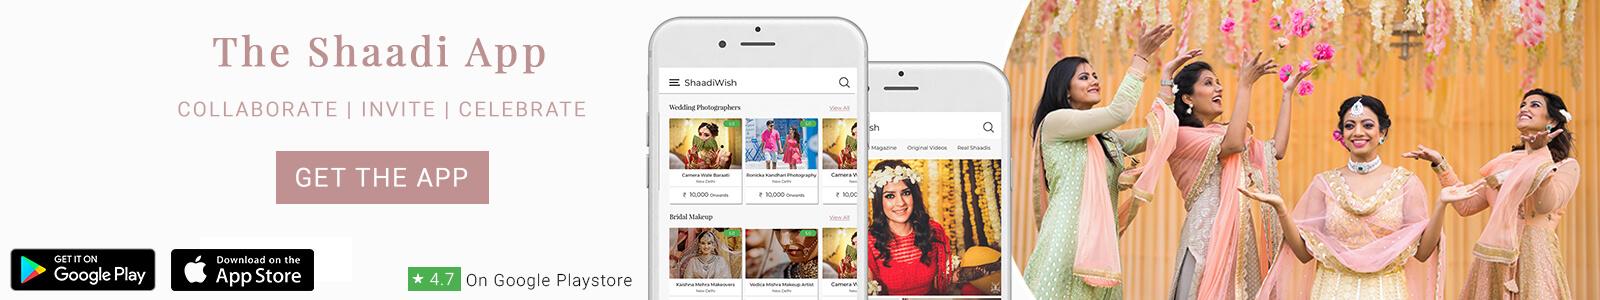 Shaadiwish App